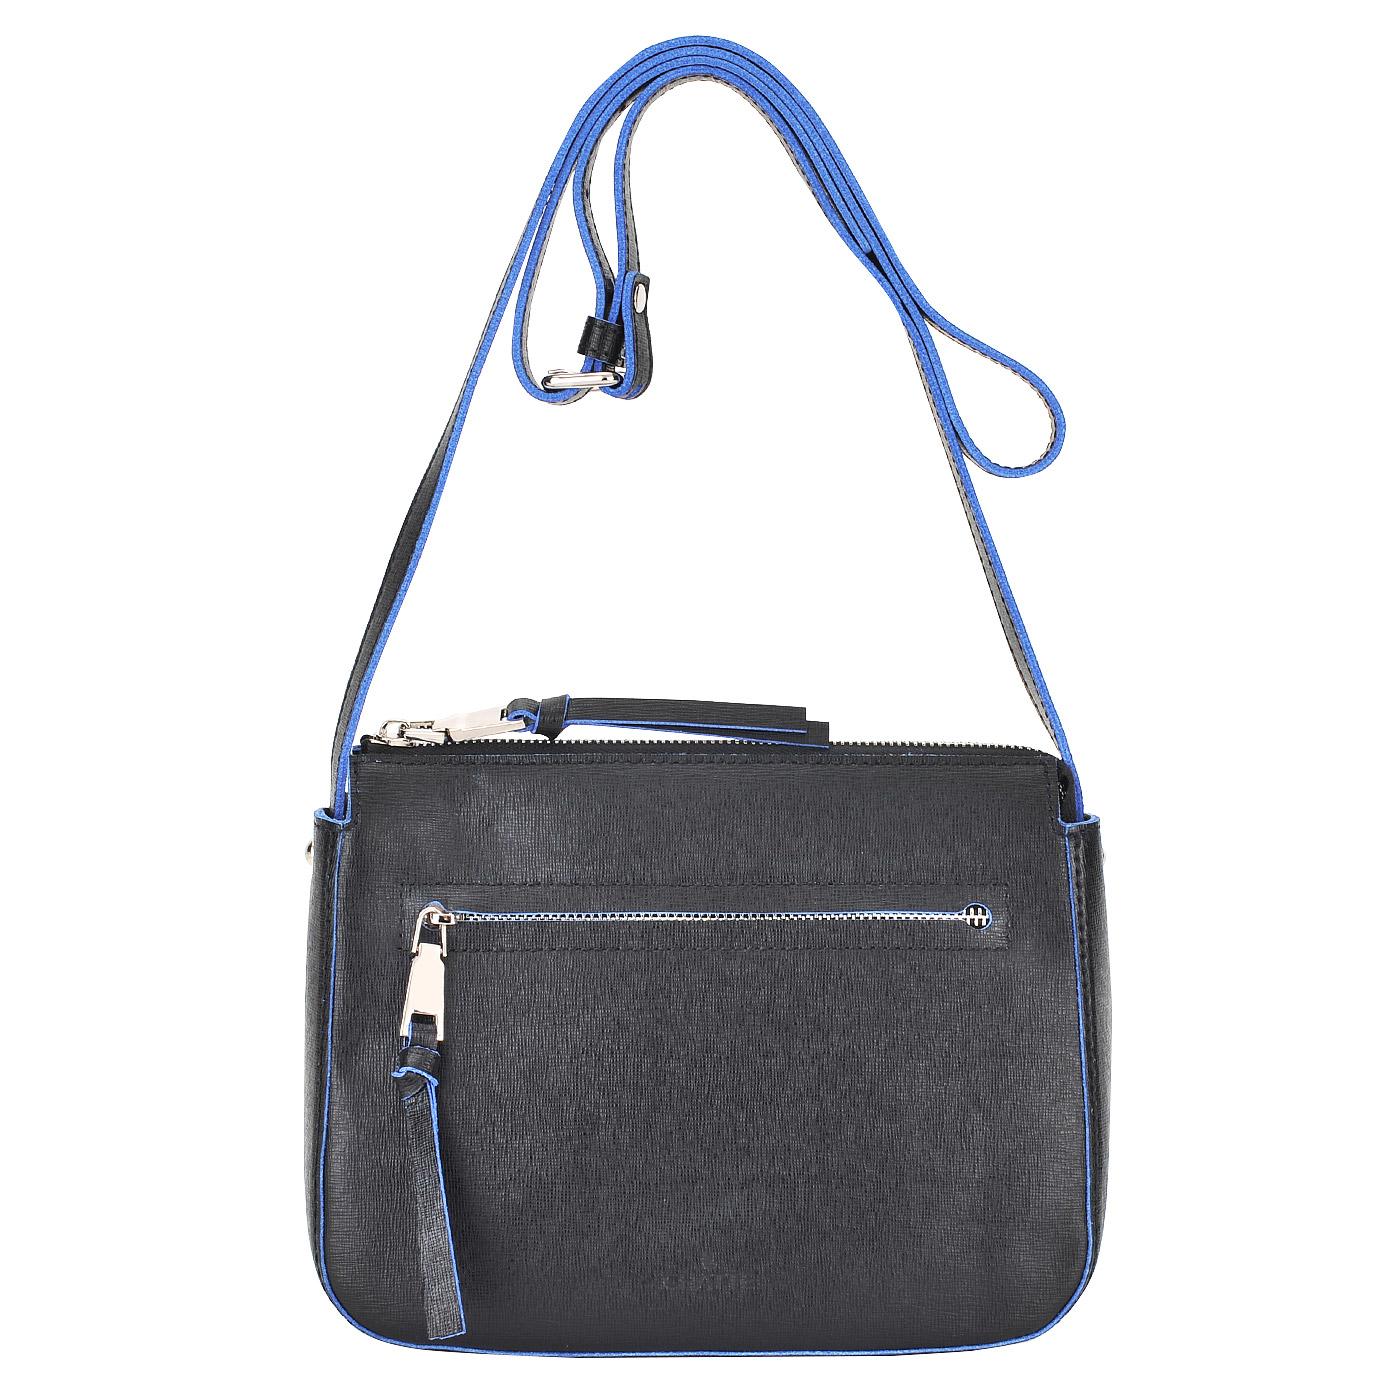 СумкаСумки через плечо<br>Chatte, сумка жен, н/к, сафьян, черн<br>